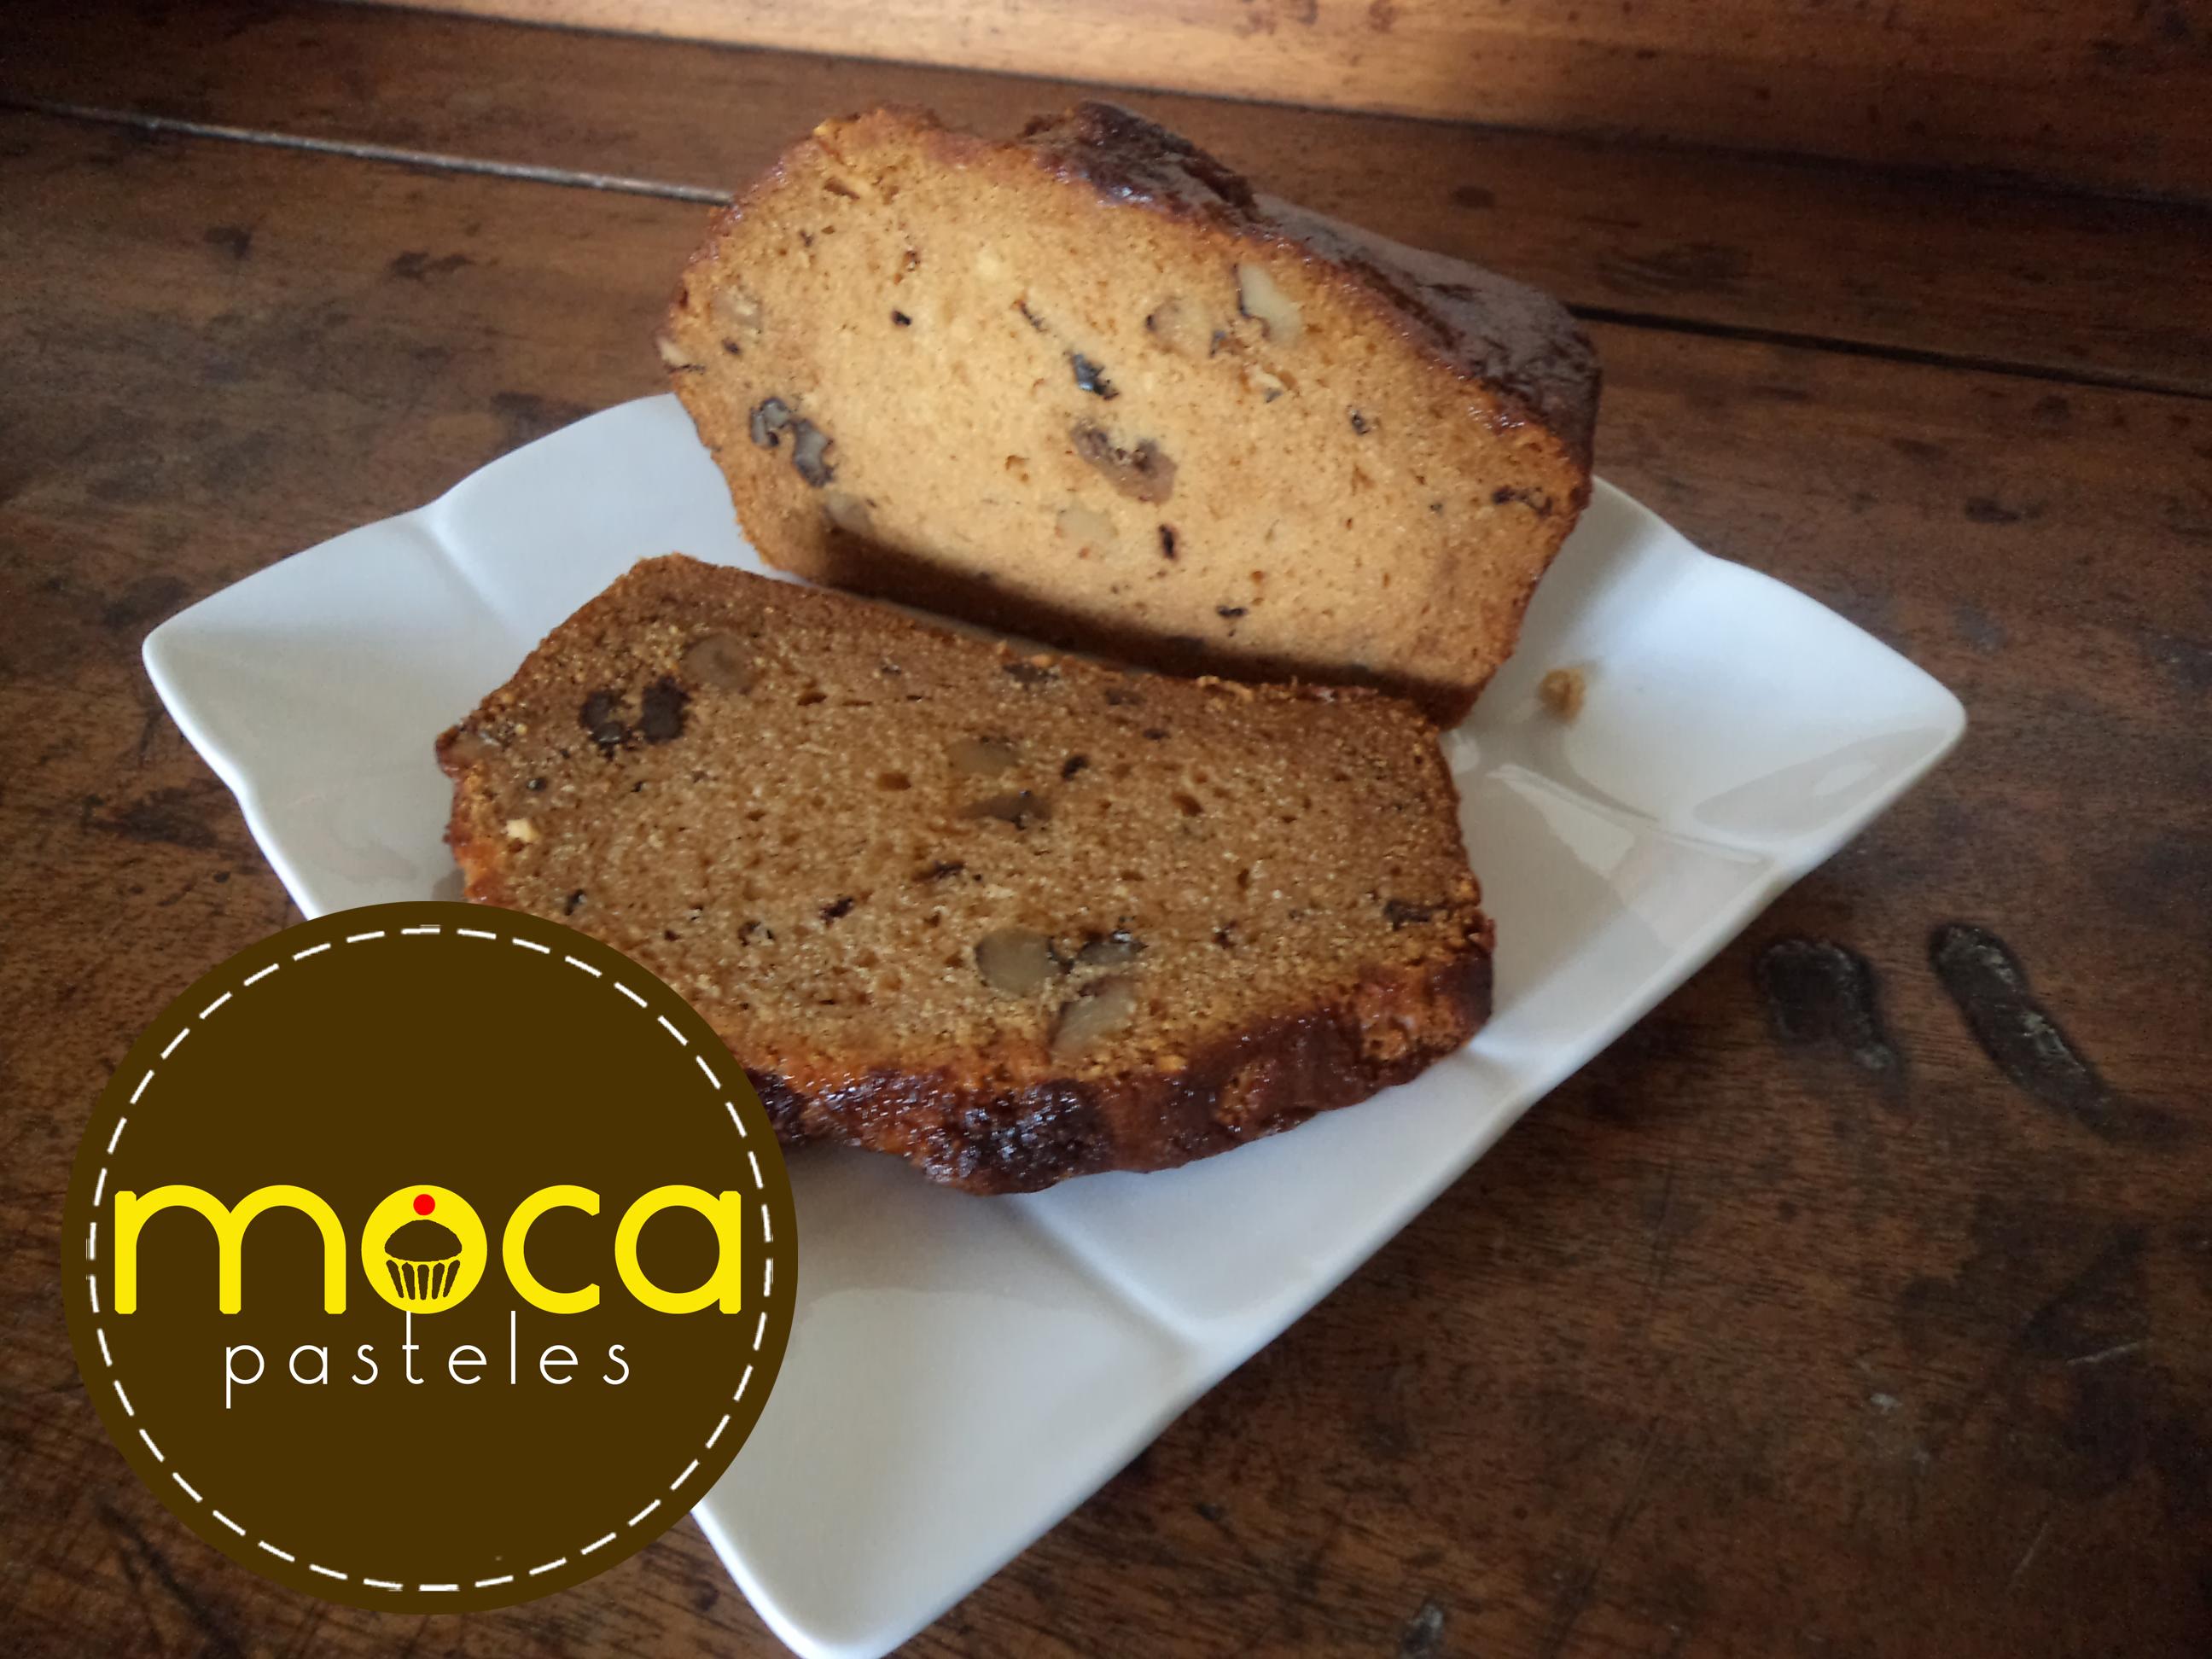 Pan de Miel y Nueces!!  con este panito se te olvida que no puedes comer gluten